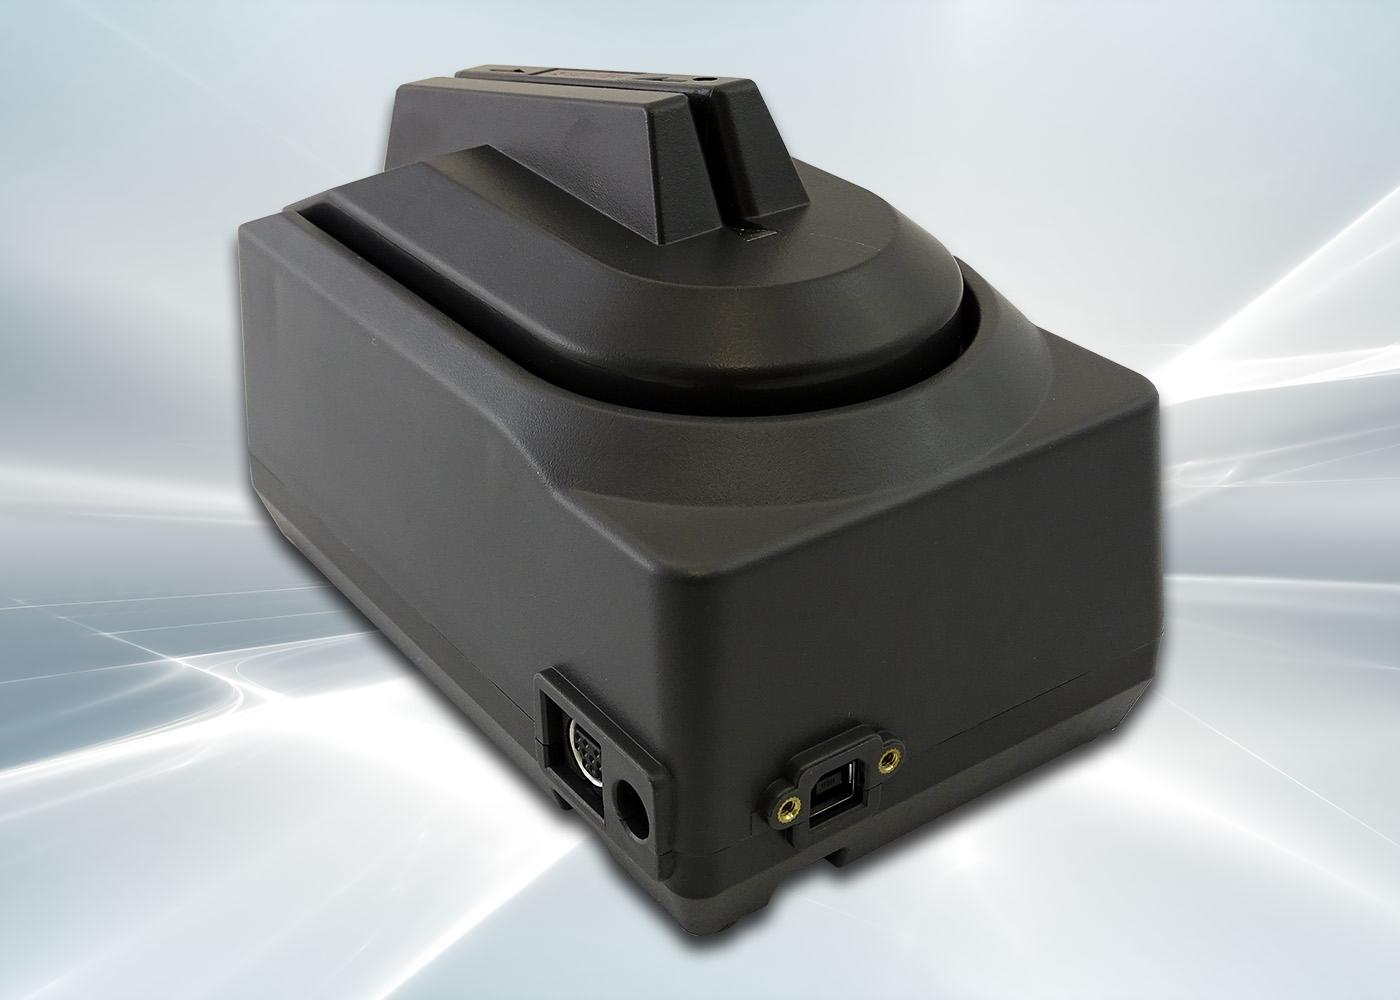 Lecteur de chèques CMC7 avec lecteur de cartes – Prise USB verrouillable